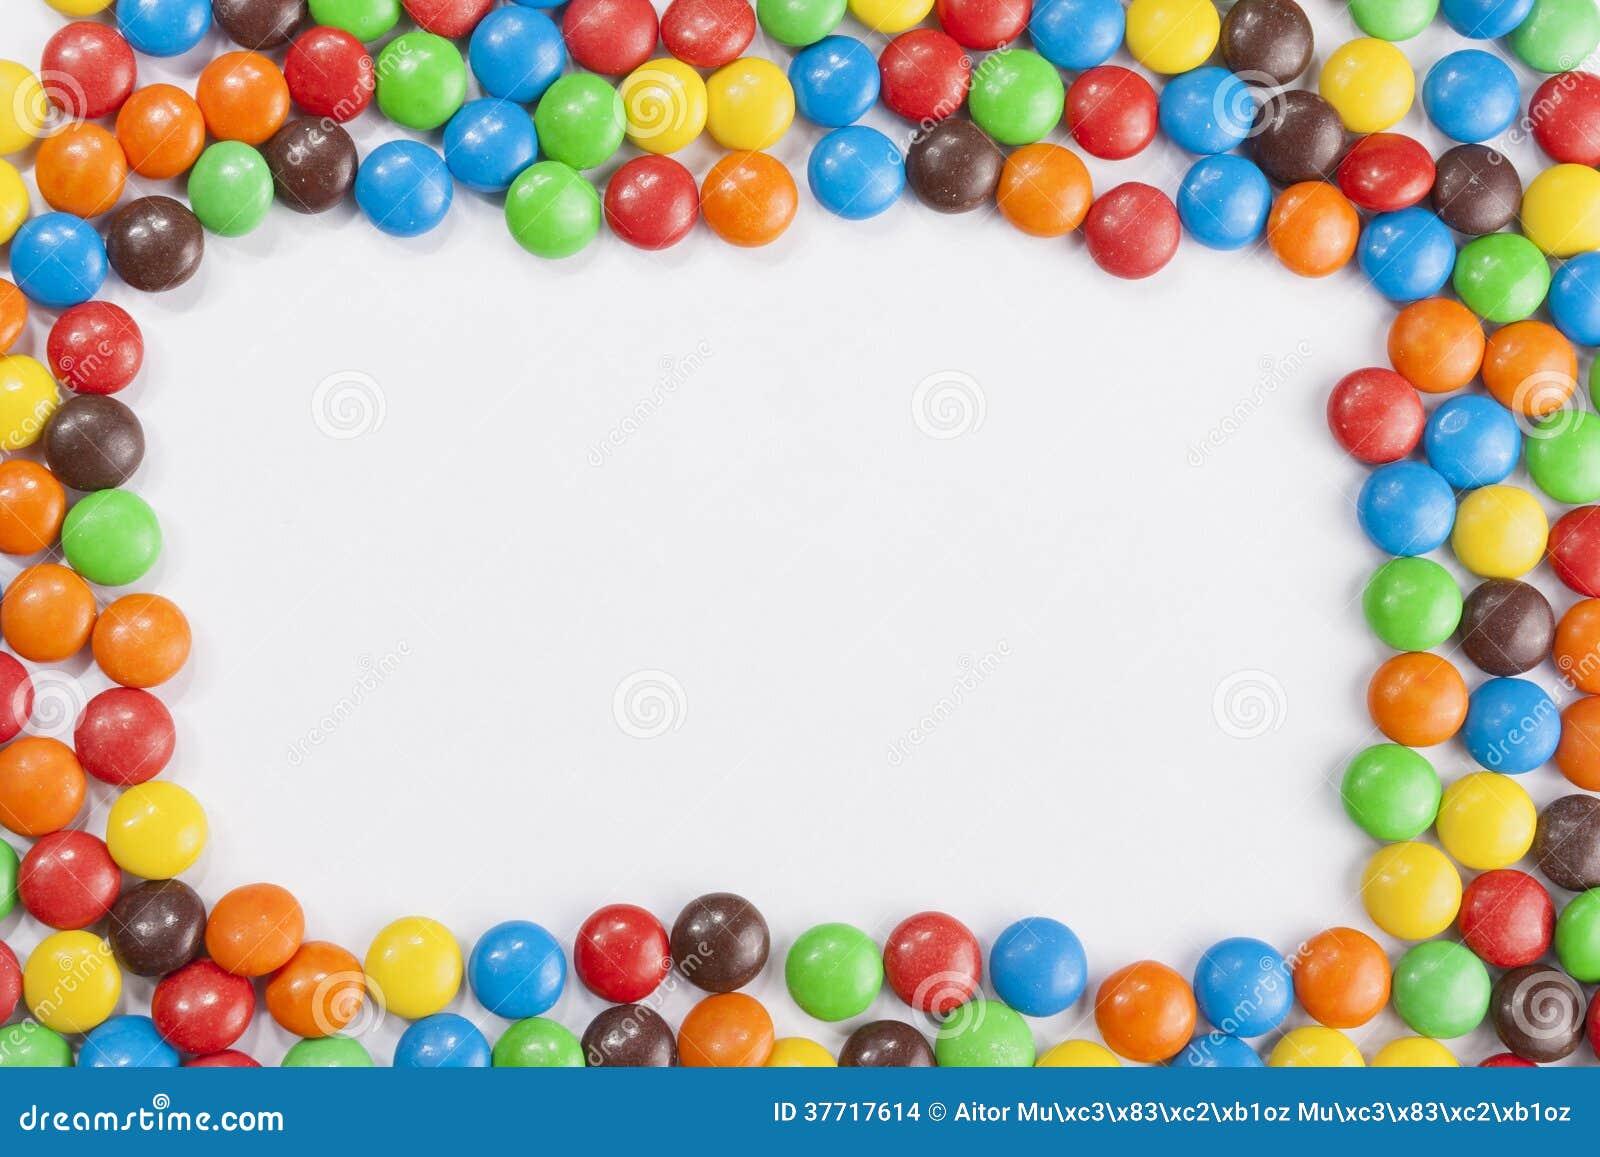 Cadre De Bonbons Au Chocolat Images Stock Image 37717614